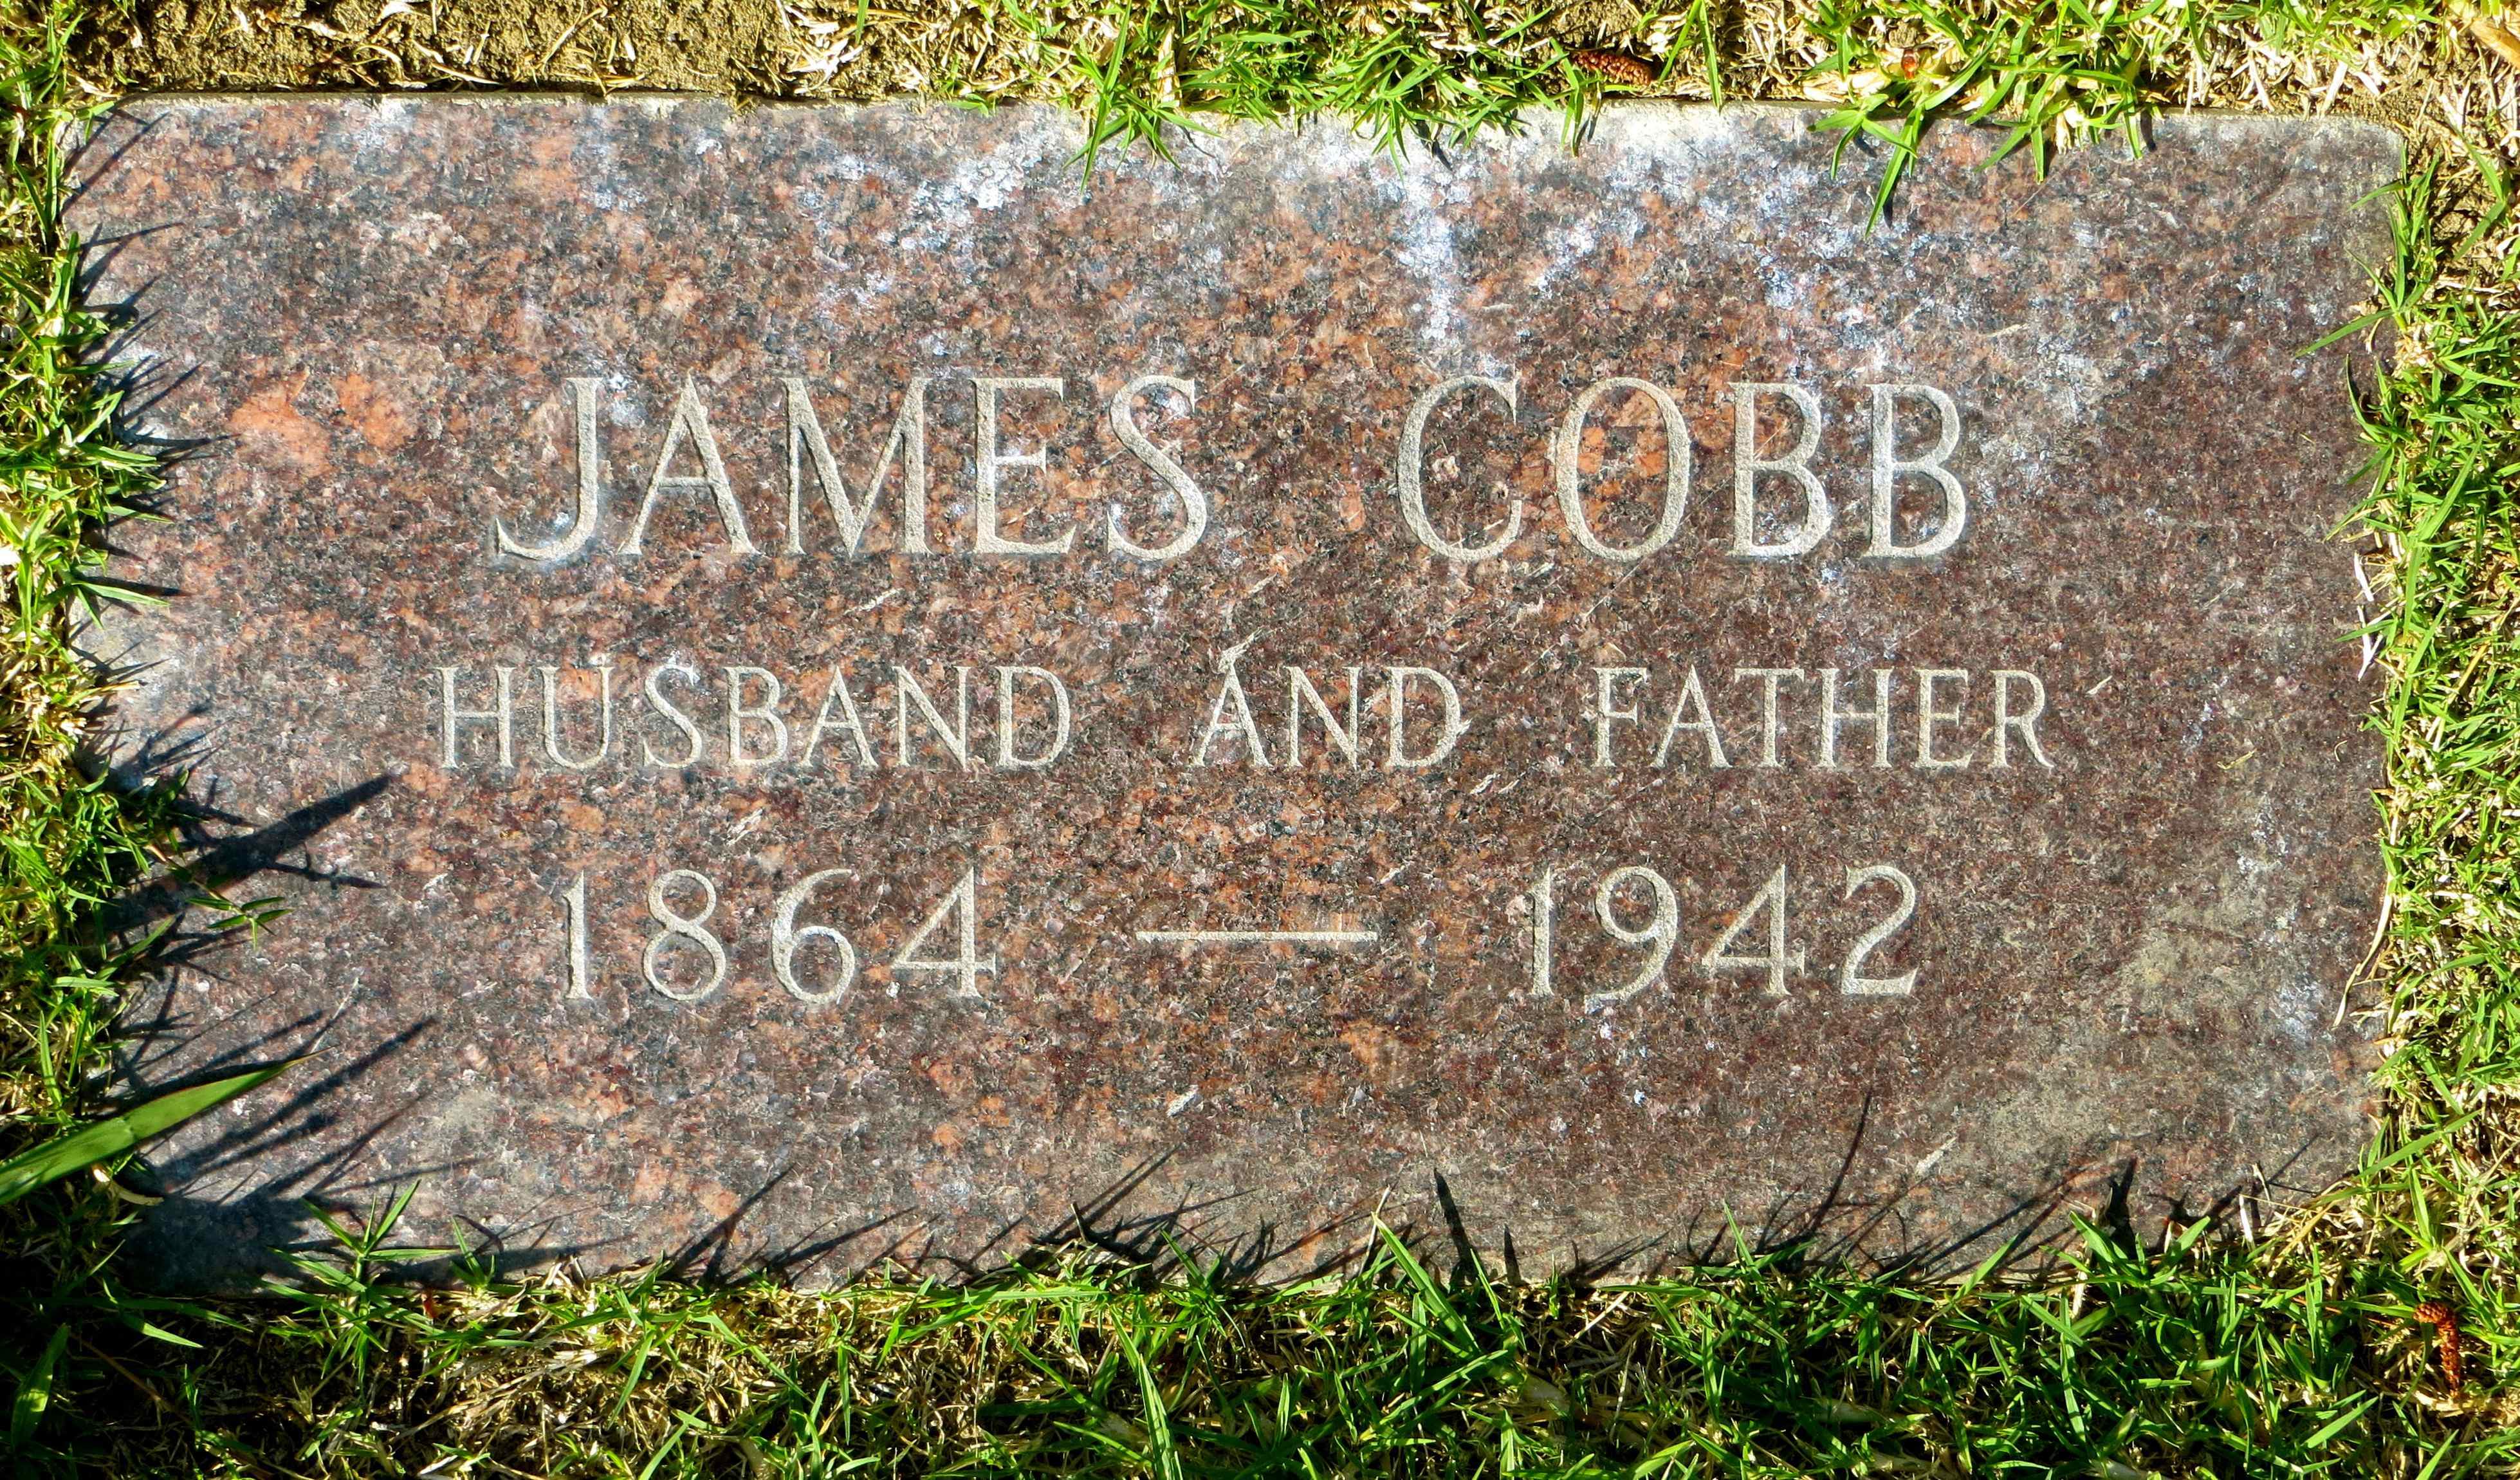 James Cobb